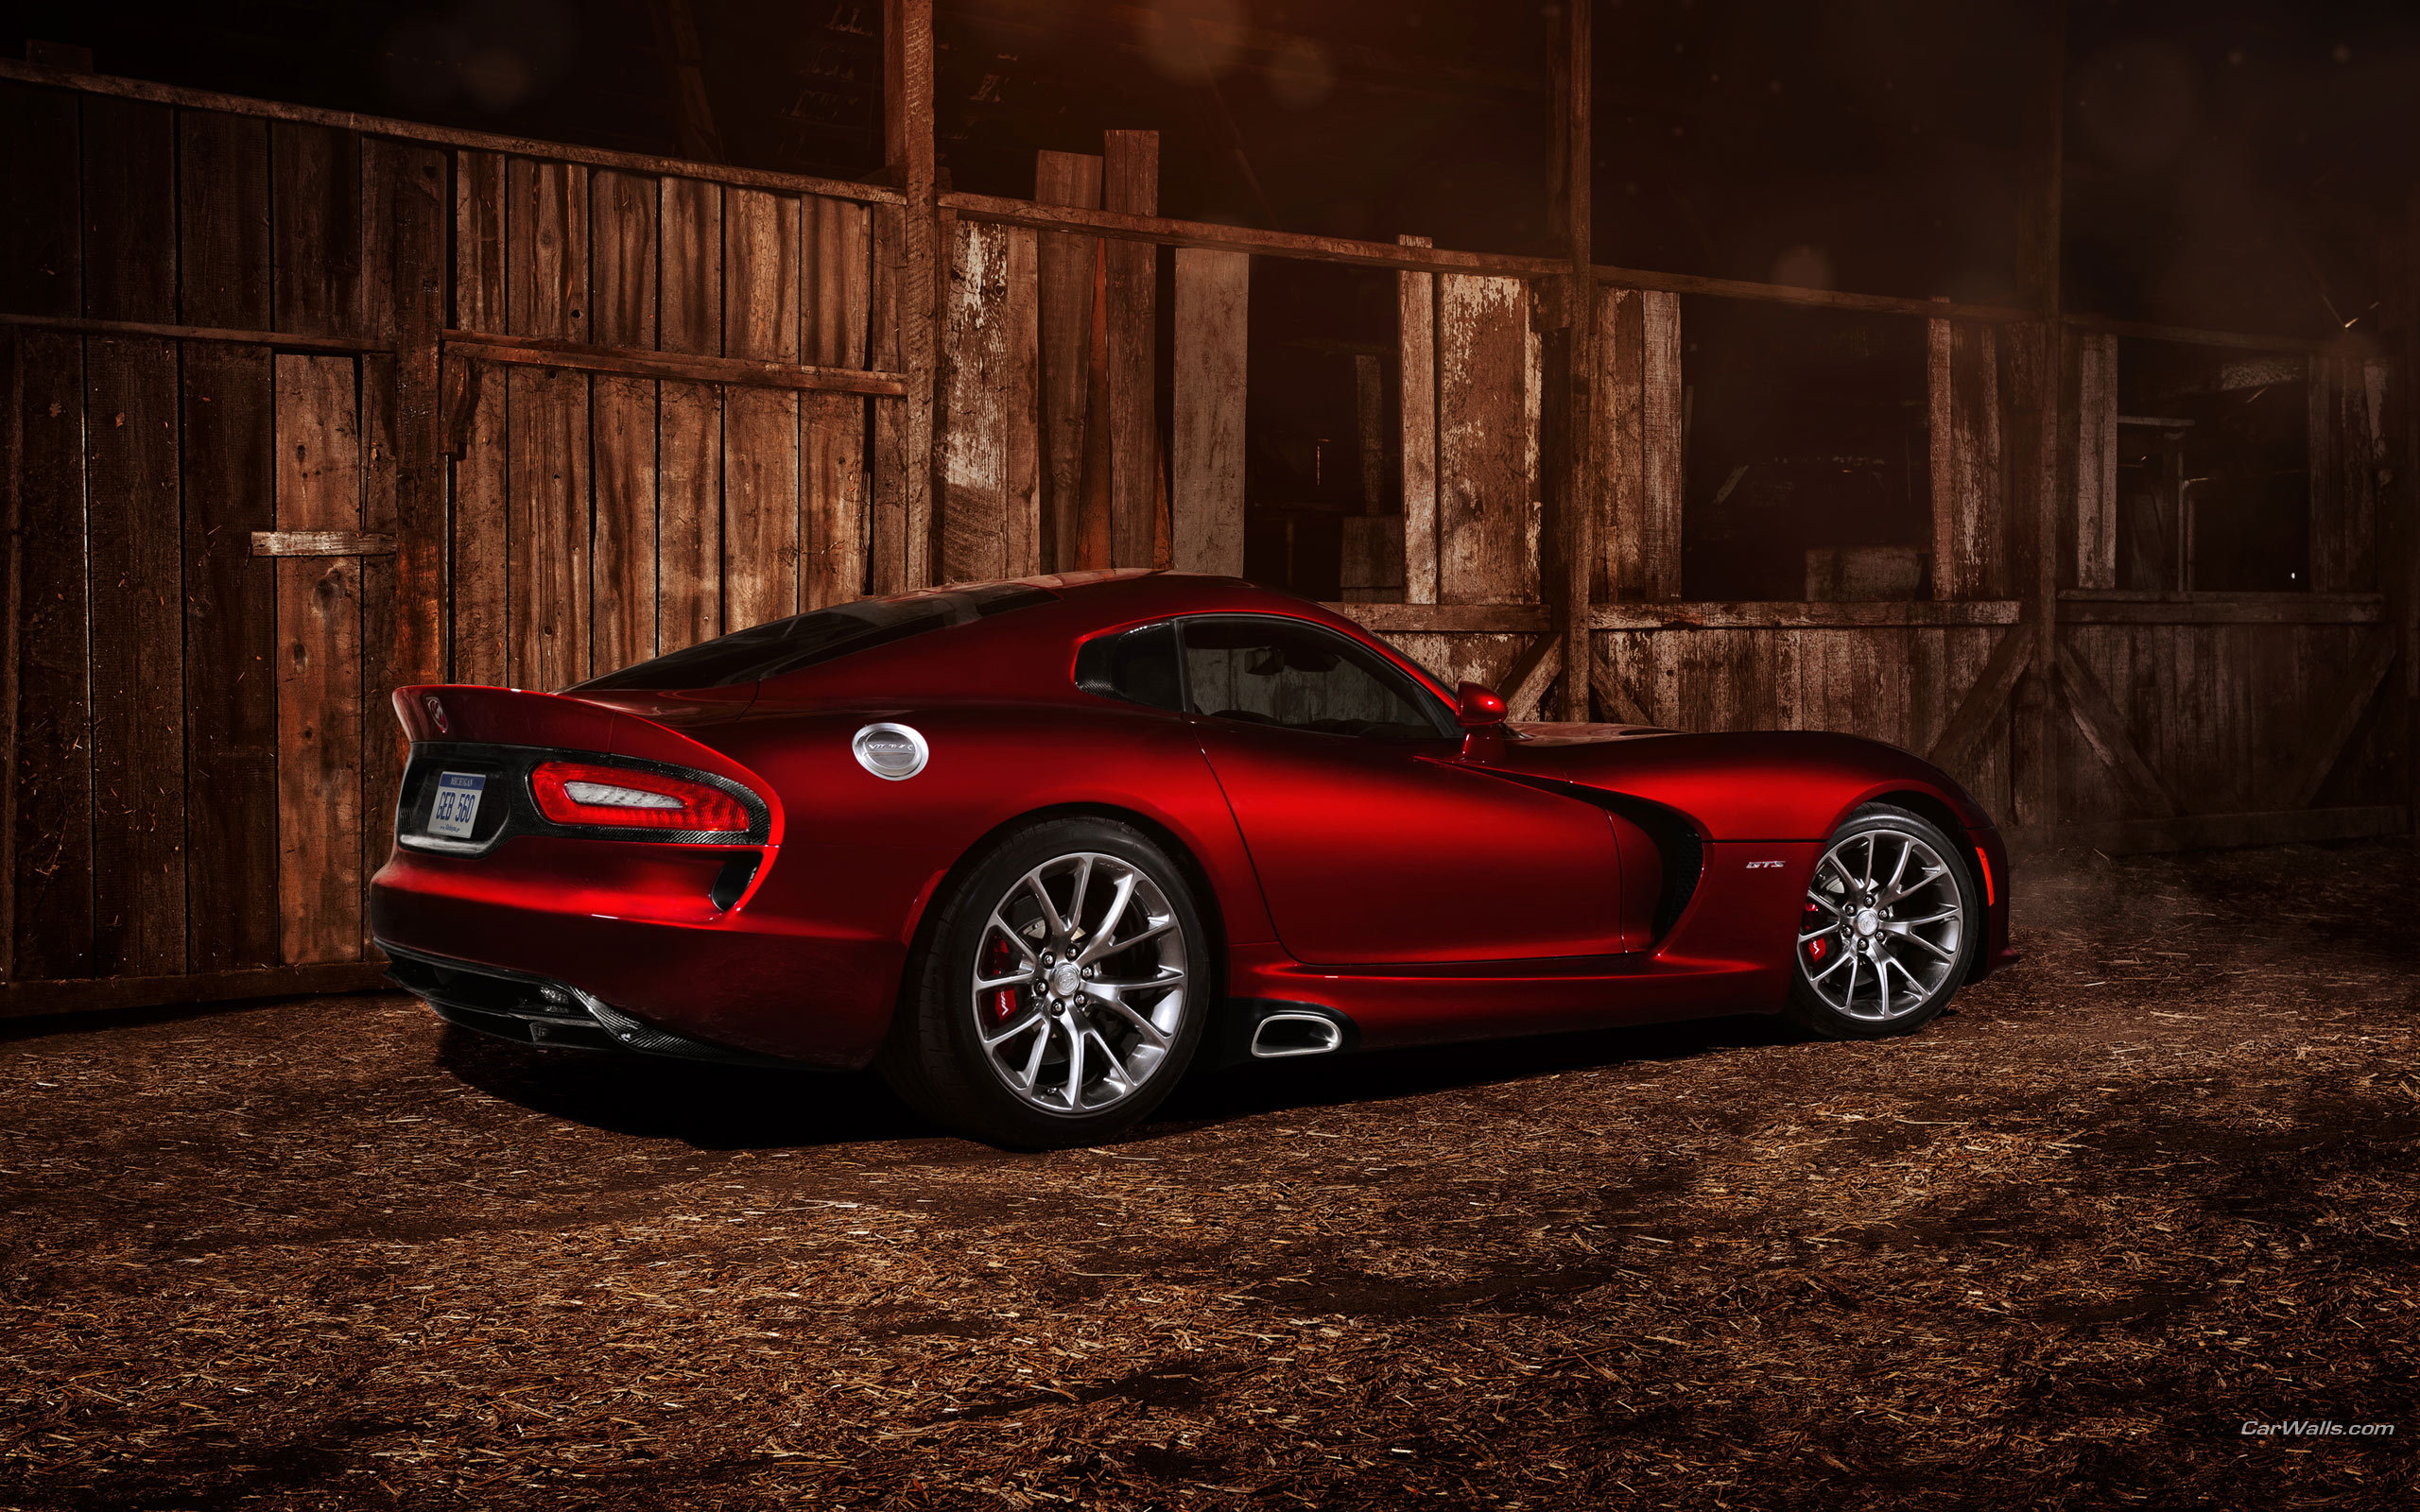 25458 скачать обои Транспорт, Машины, Додж Вайпер (Dodge Viper) - заставки и картинки бесплатно